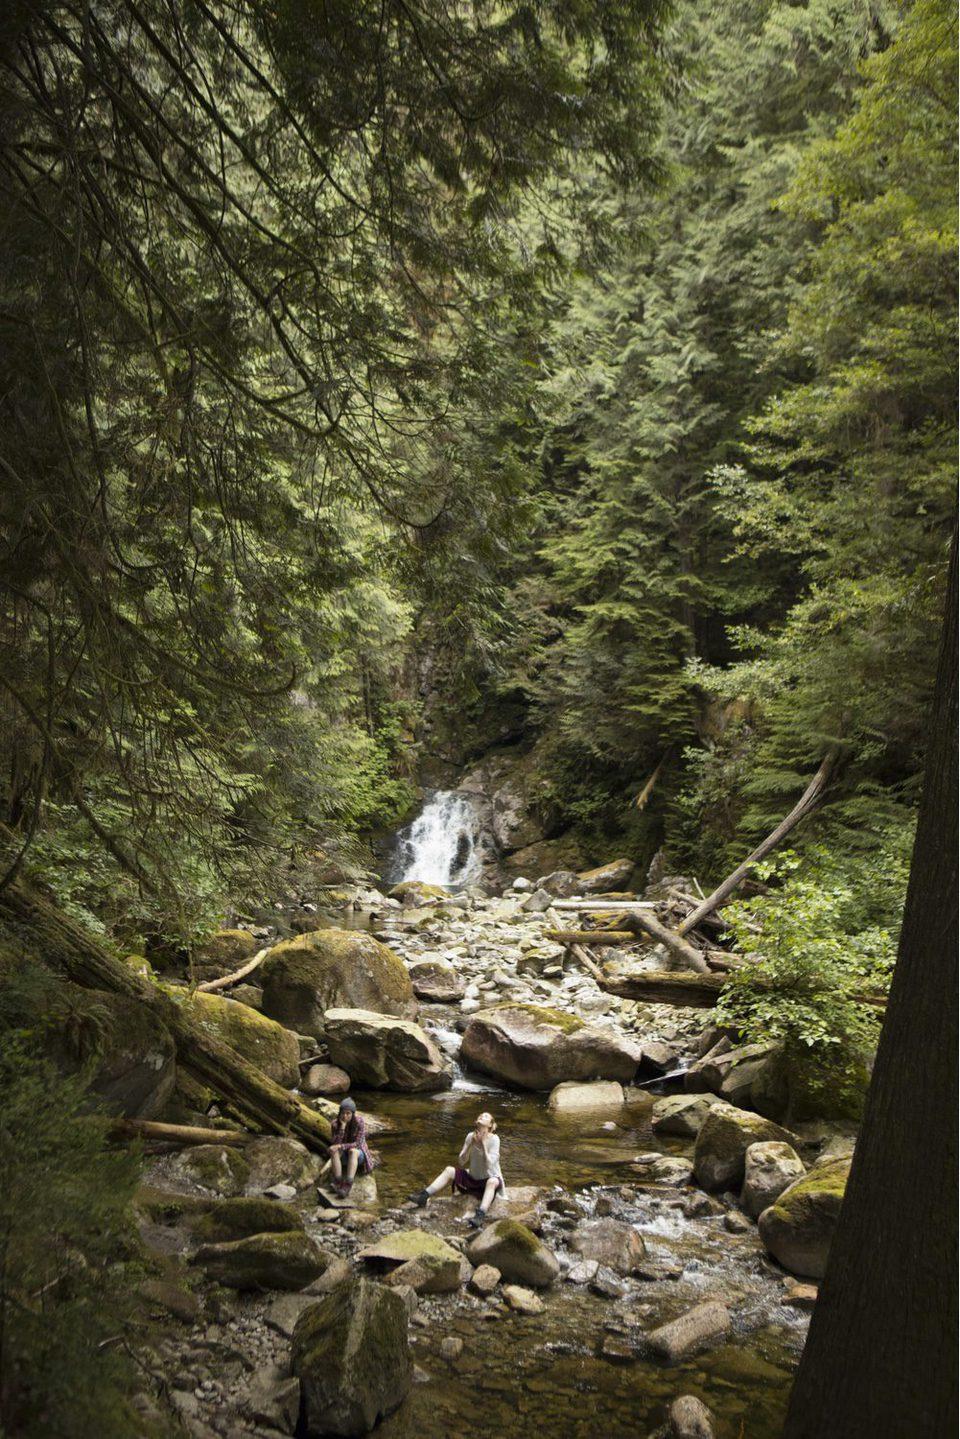 En el bosque, fotograma 7 de 8